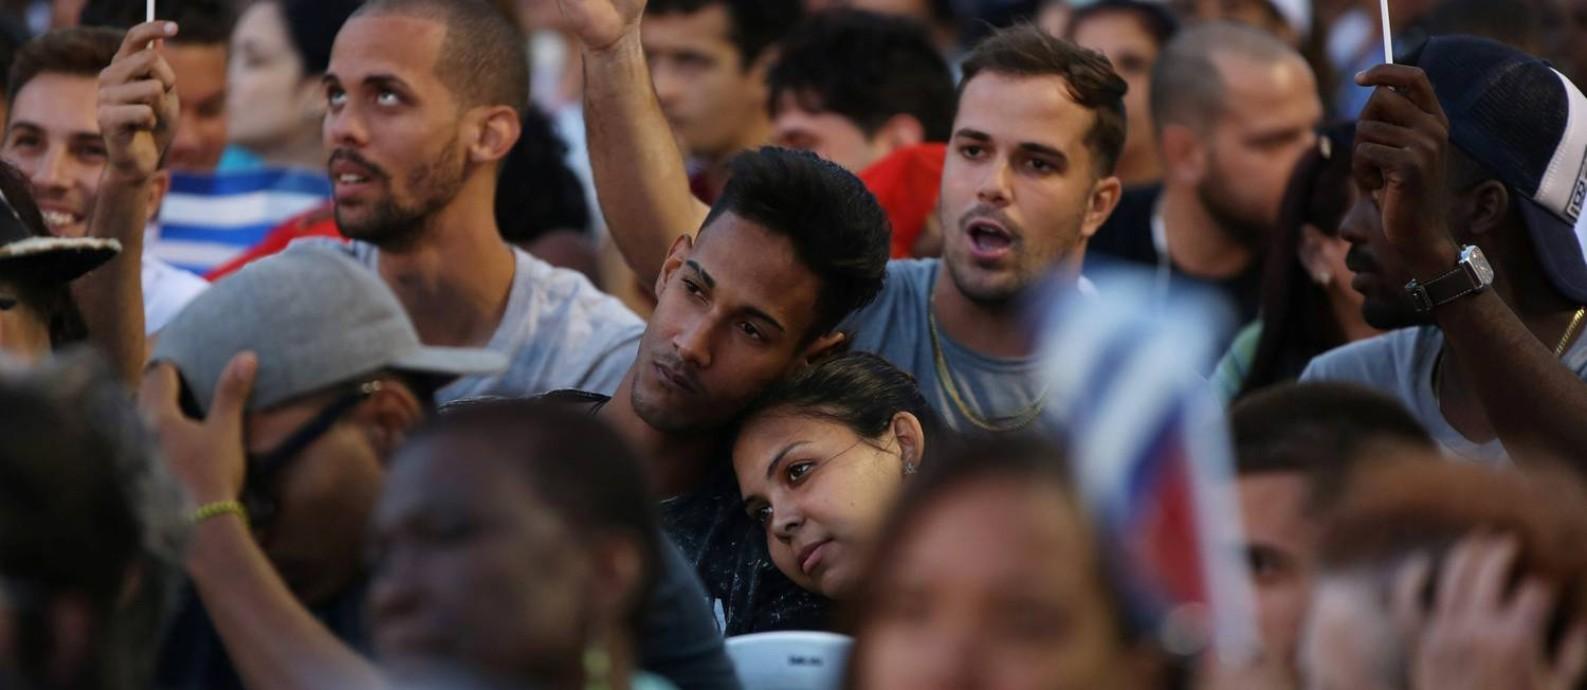 Estudantes durante a cerimônia pela Revolução Cubana, em Havana Foto: ALEXANDRE MENEGHINI / REUTERS